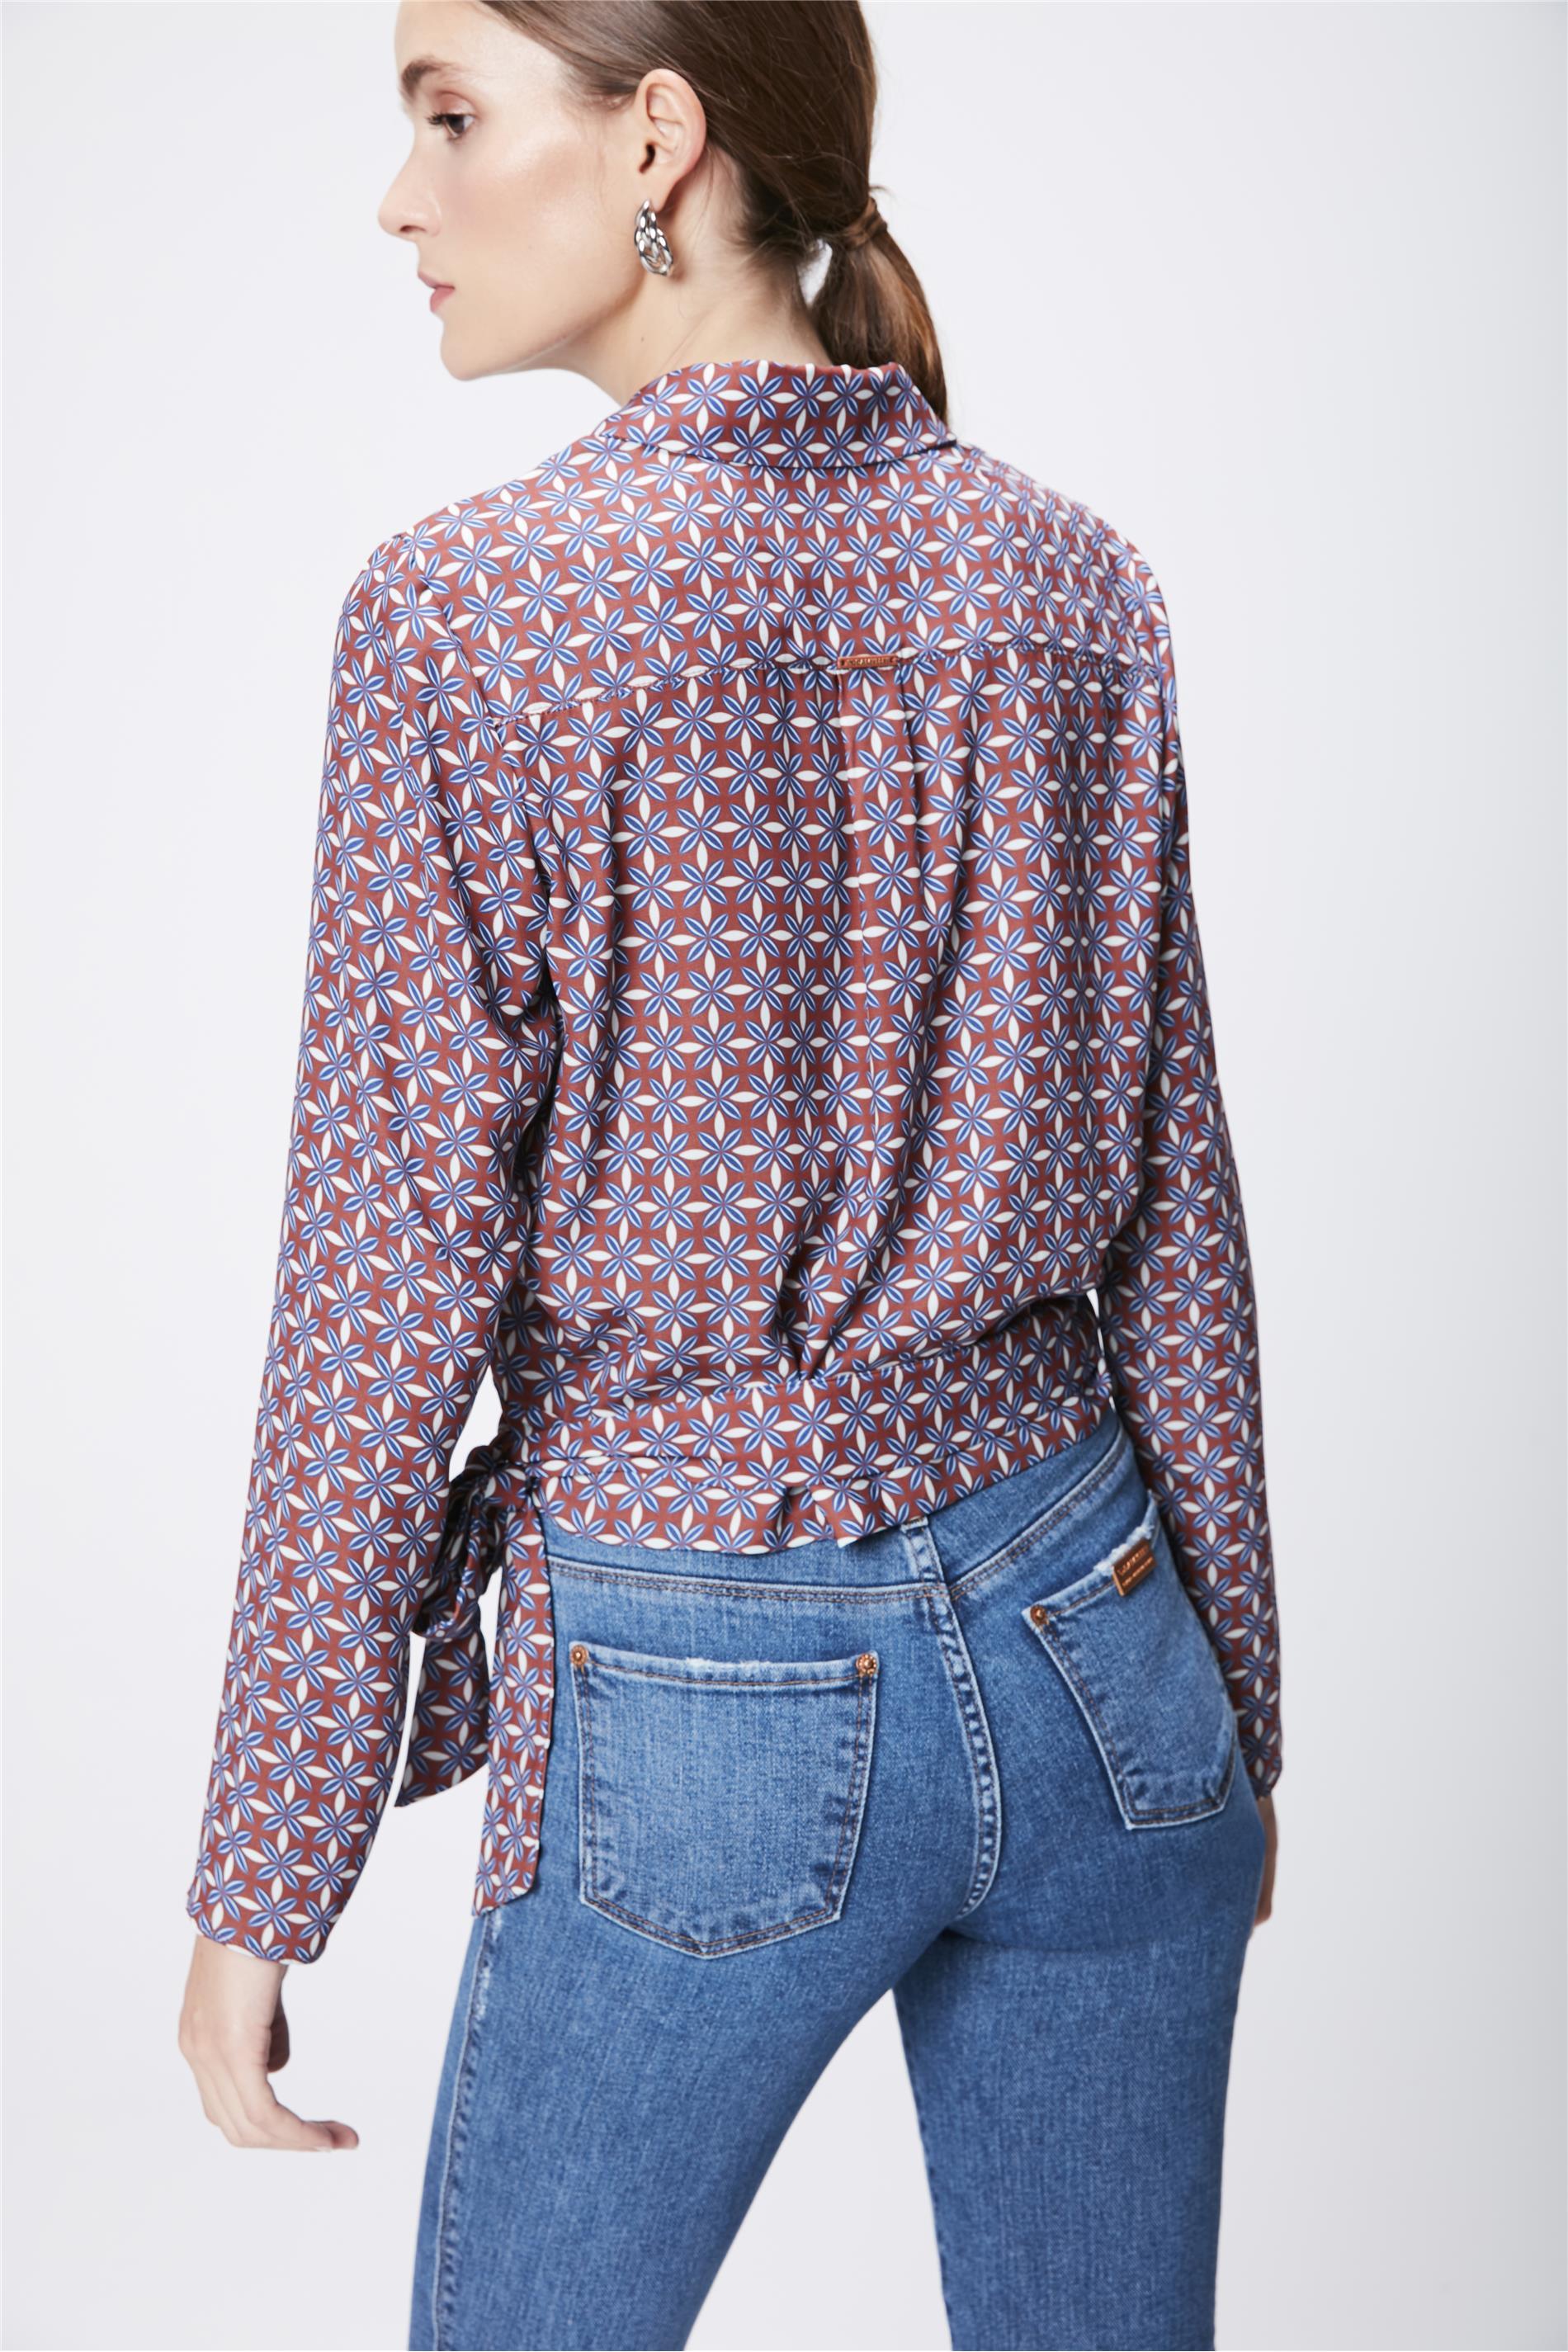 d6546aec7 Camisa Estampada Feminina com Transpasse - Damyller